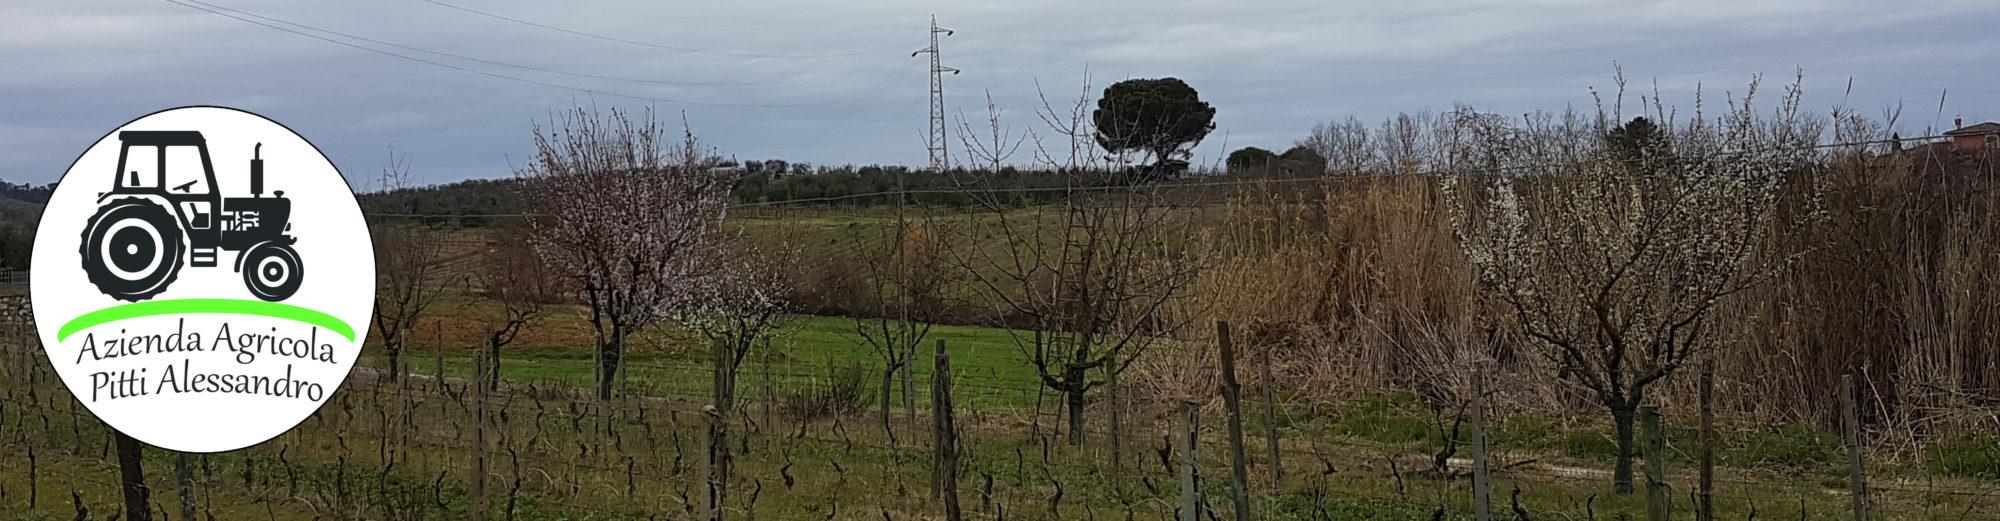 Azienda Agricola Pitti Alessandro